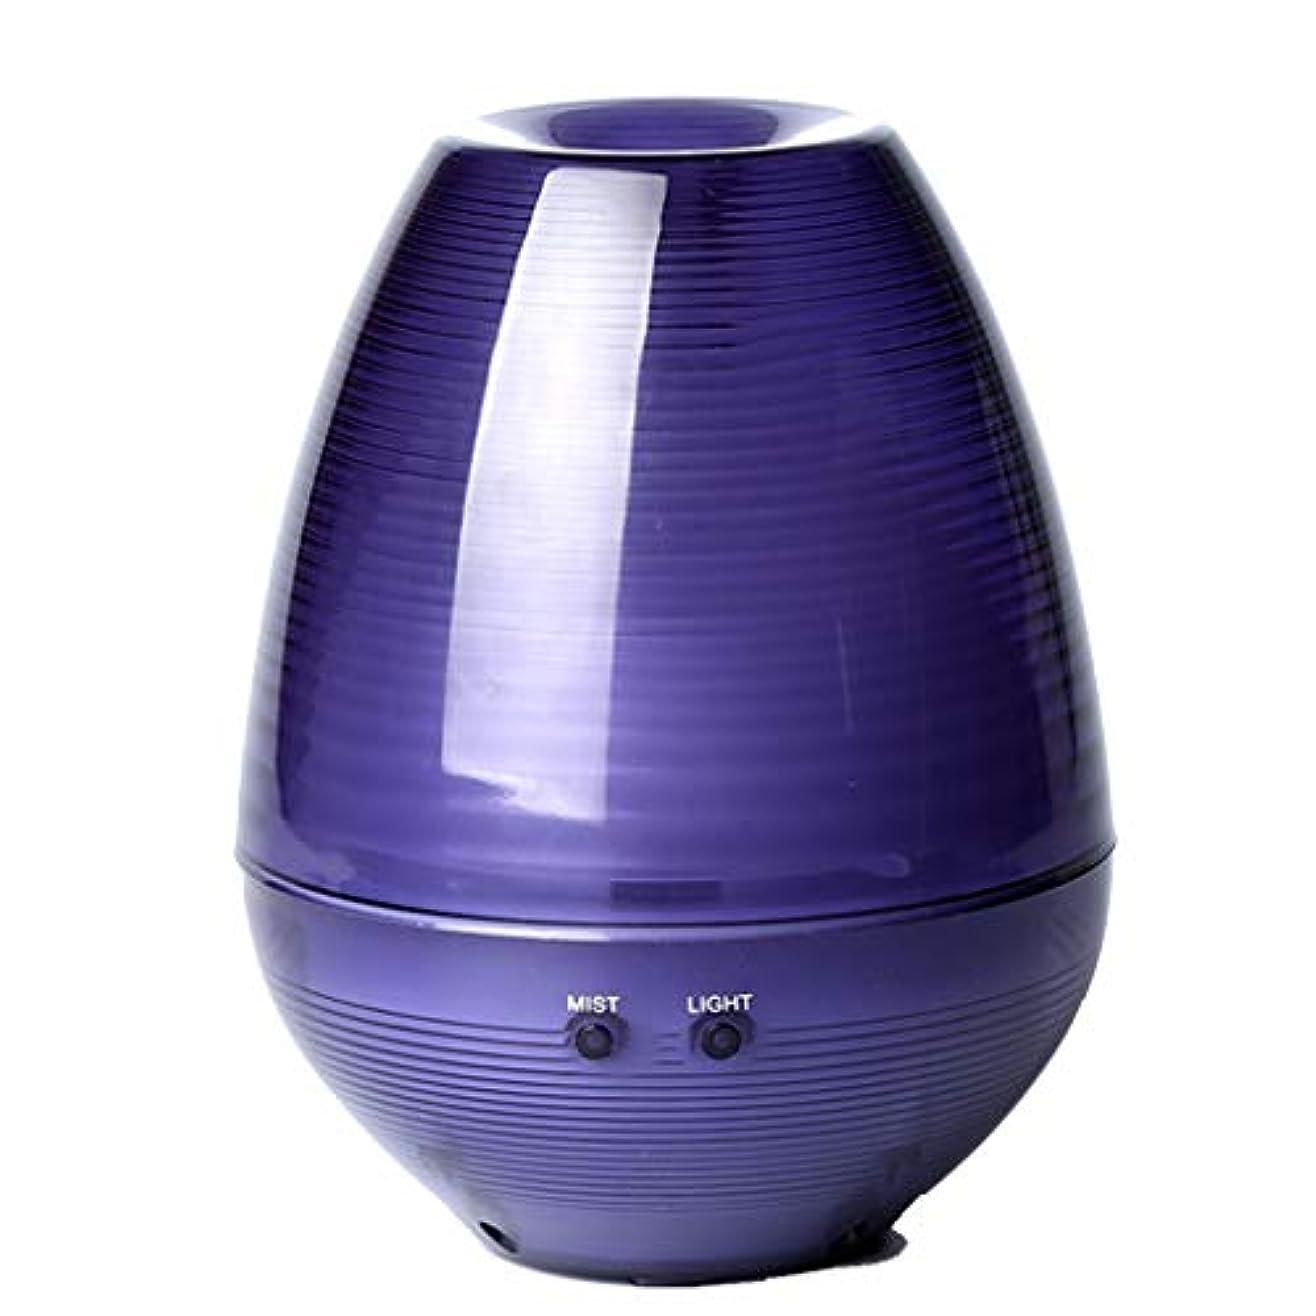 胴体宅配便スコットランド人アロマセラピーエッセンシャルオイルディフューザー、アロマディフューザークールミスト加湿器ウォーターレスオートシャットオフホームオフィス用ヨガ (Color : Purple)